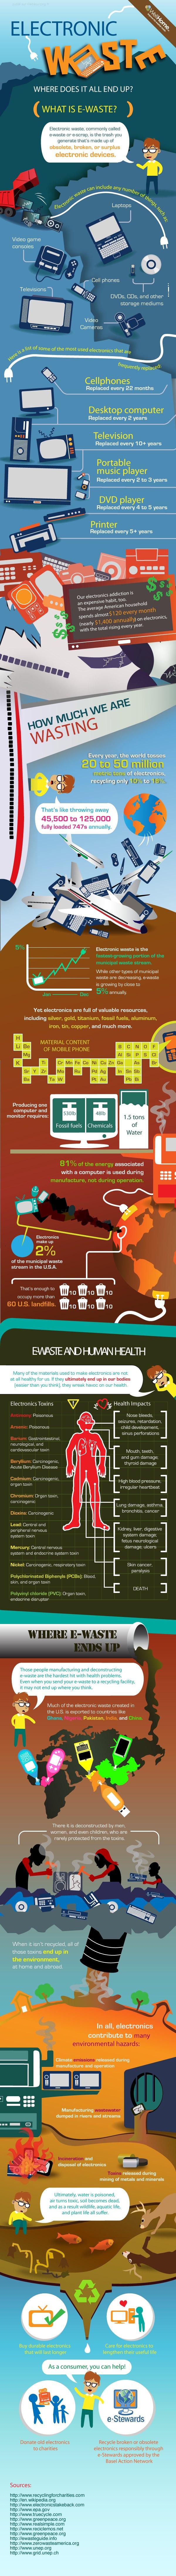 Les déchets électroniques [Infographie]